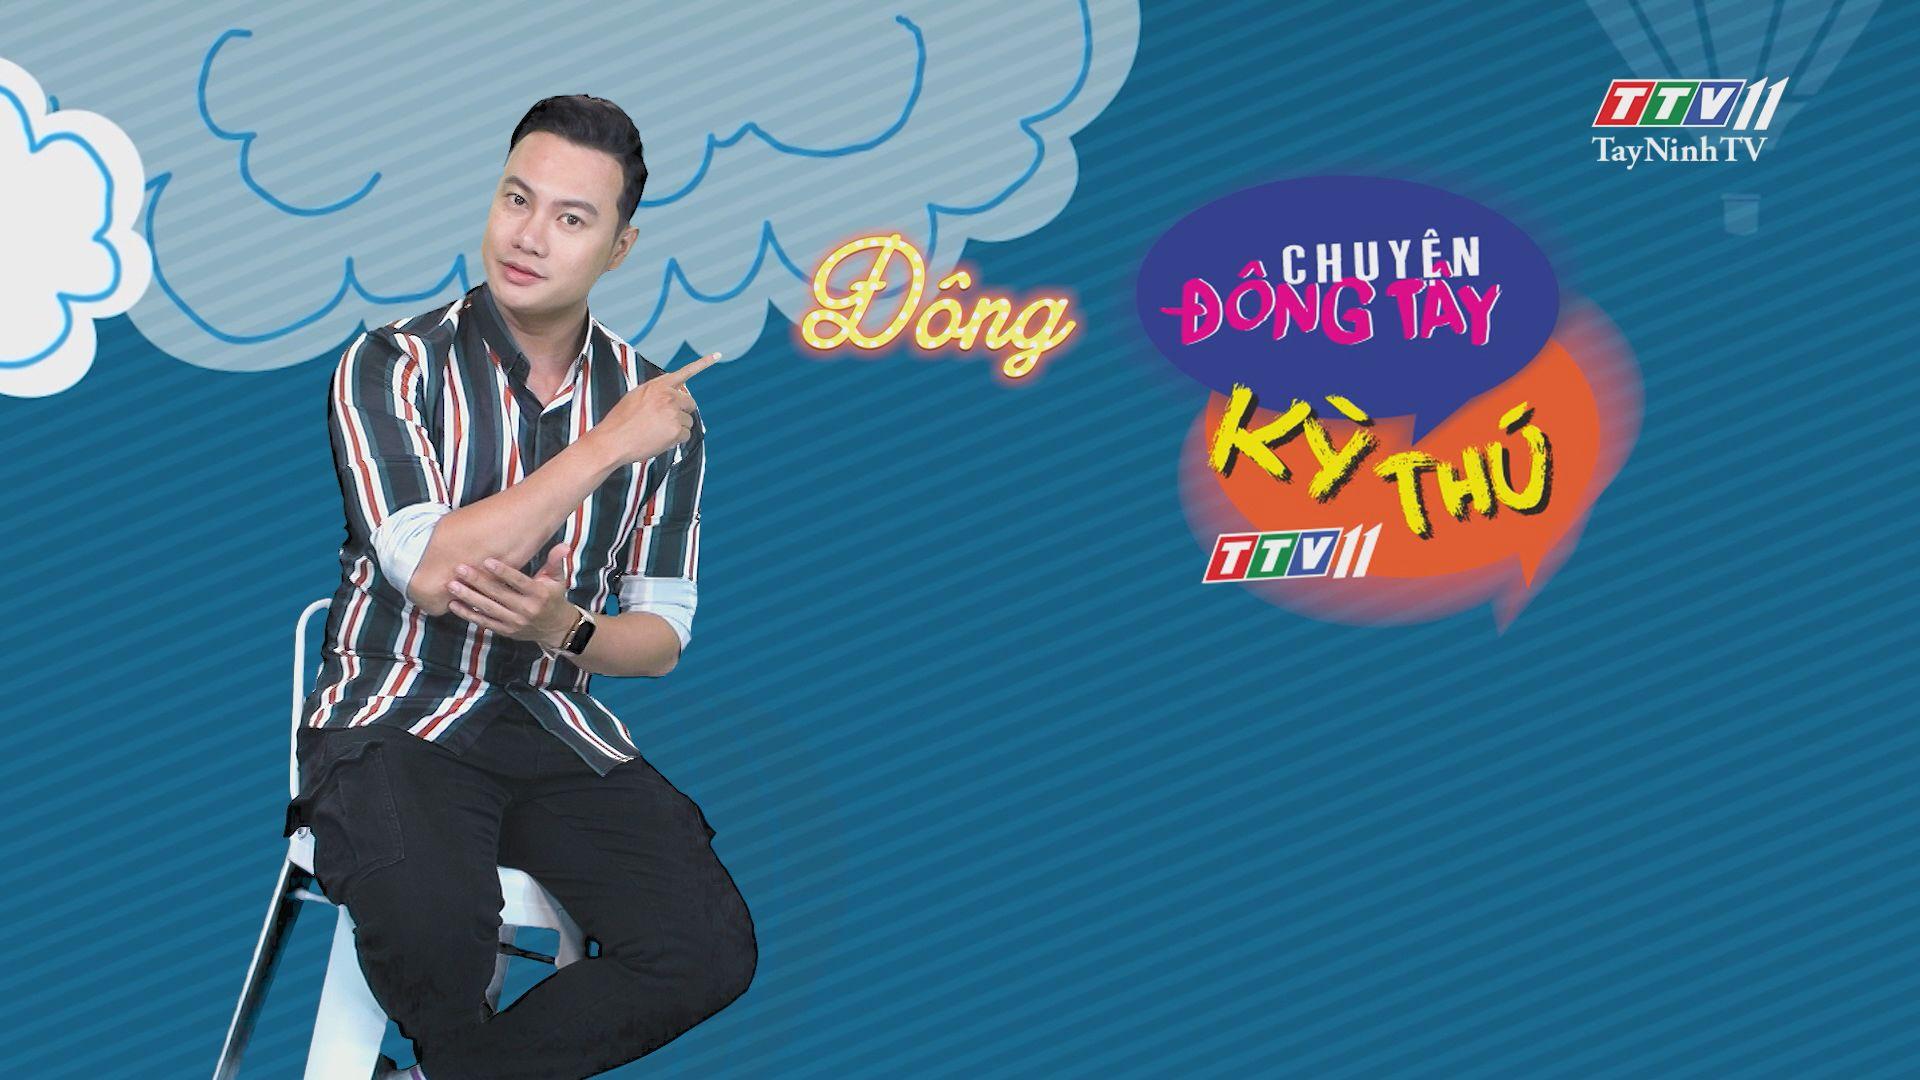 Chuyện Đông Tây Kỳ Thú 12-7-2020 | TayNinhTV